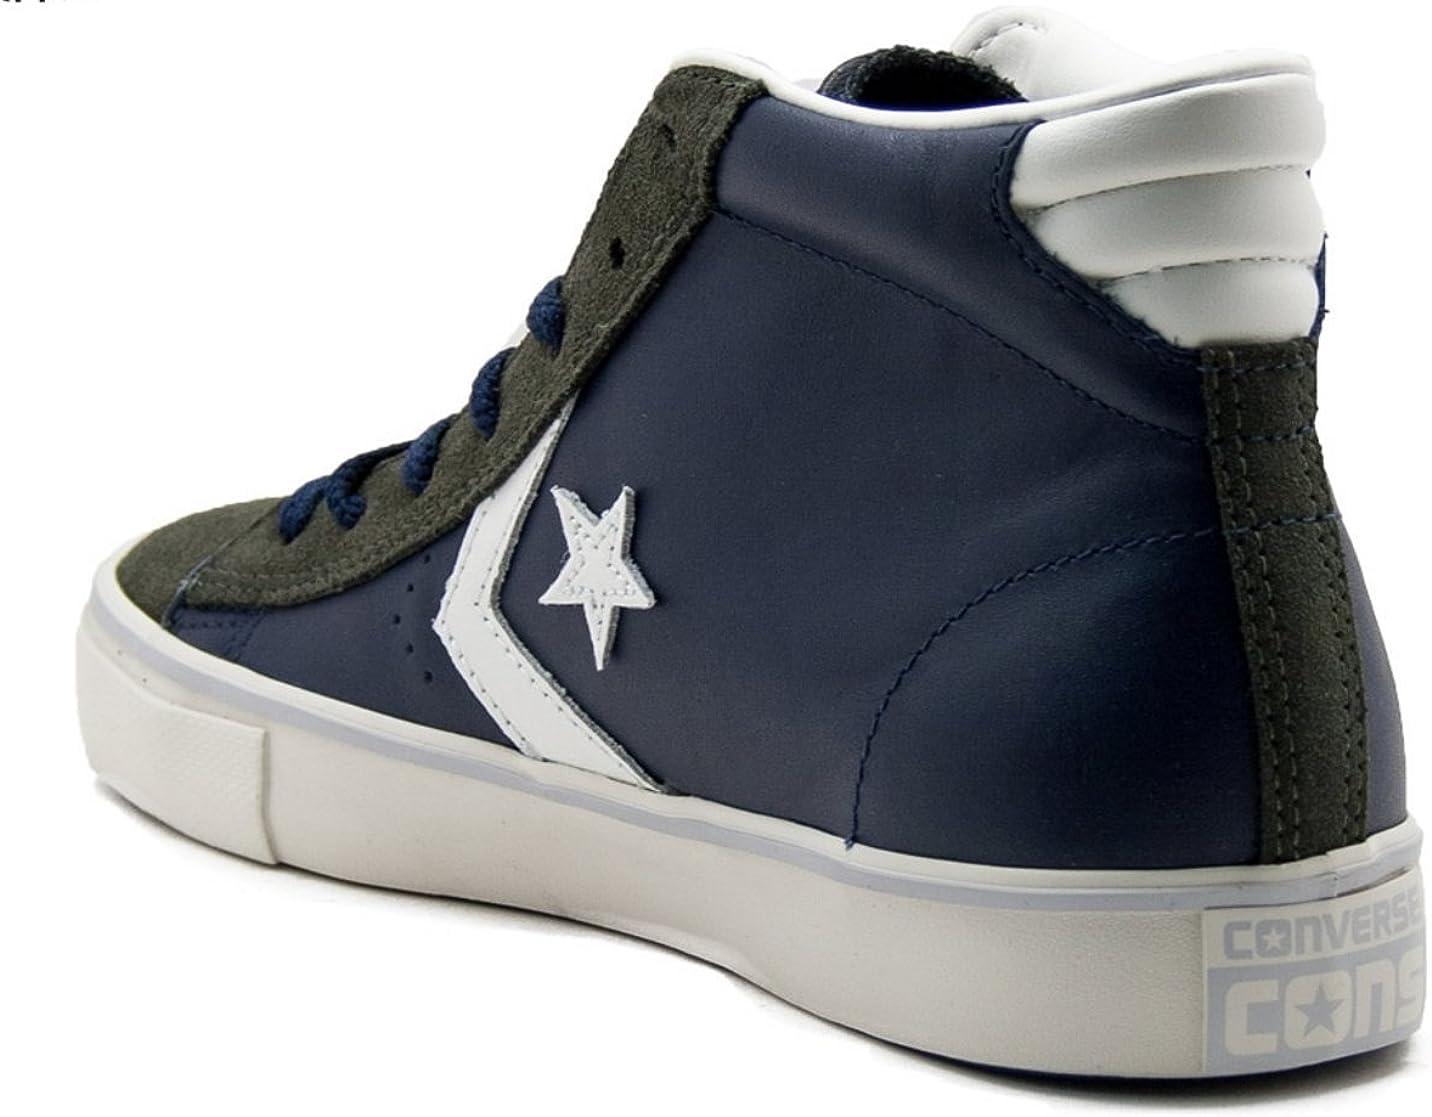 Converse - PRO Leather Vulc, Sneaker Alte Uomo : Amazon.it: Moda